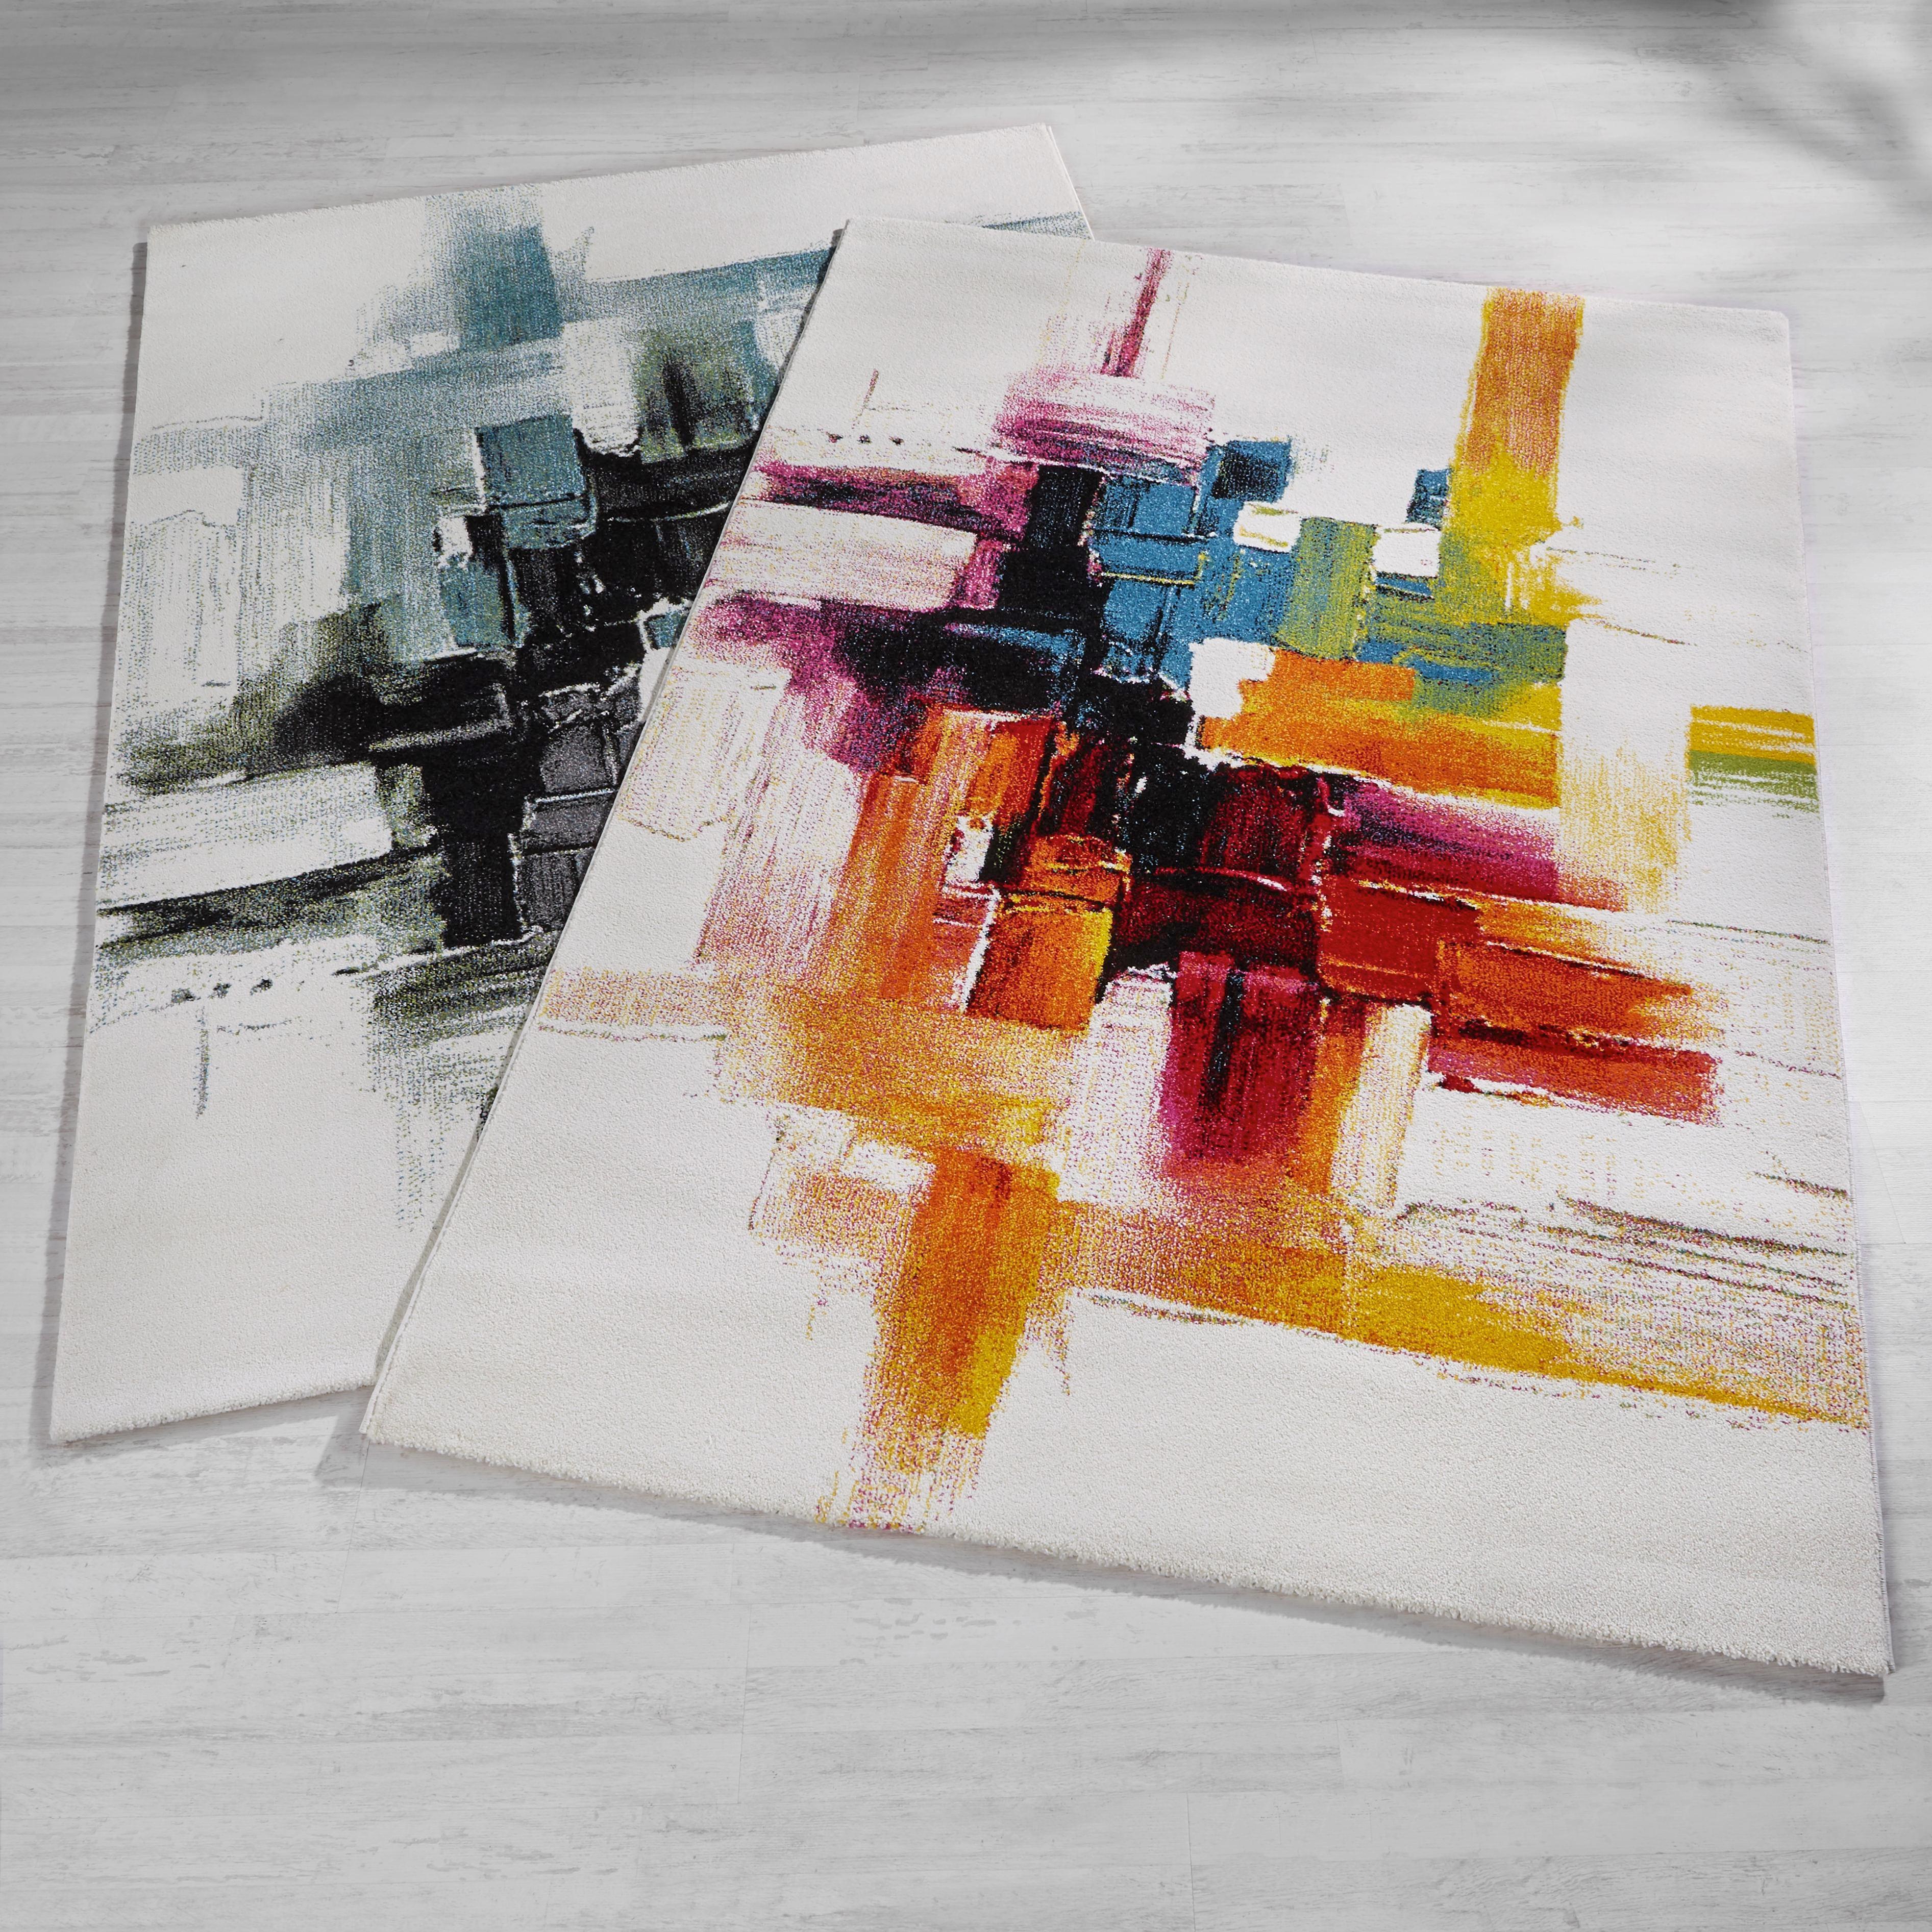 Szőnyeg Abstract 2 - fekete/kék, Lifestyle, textil (120/170cm) - MÖMAX modern living